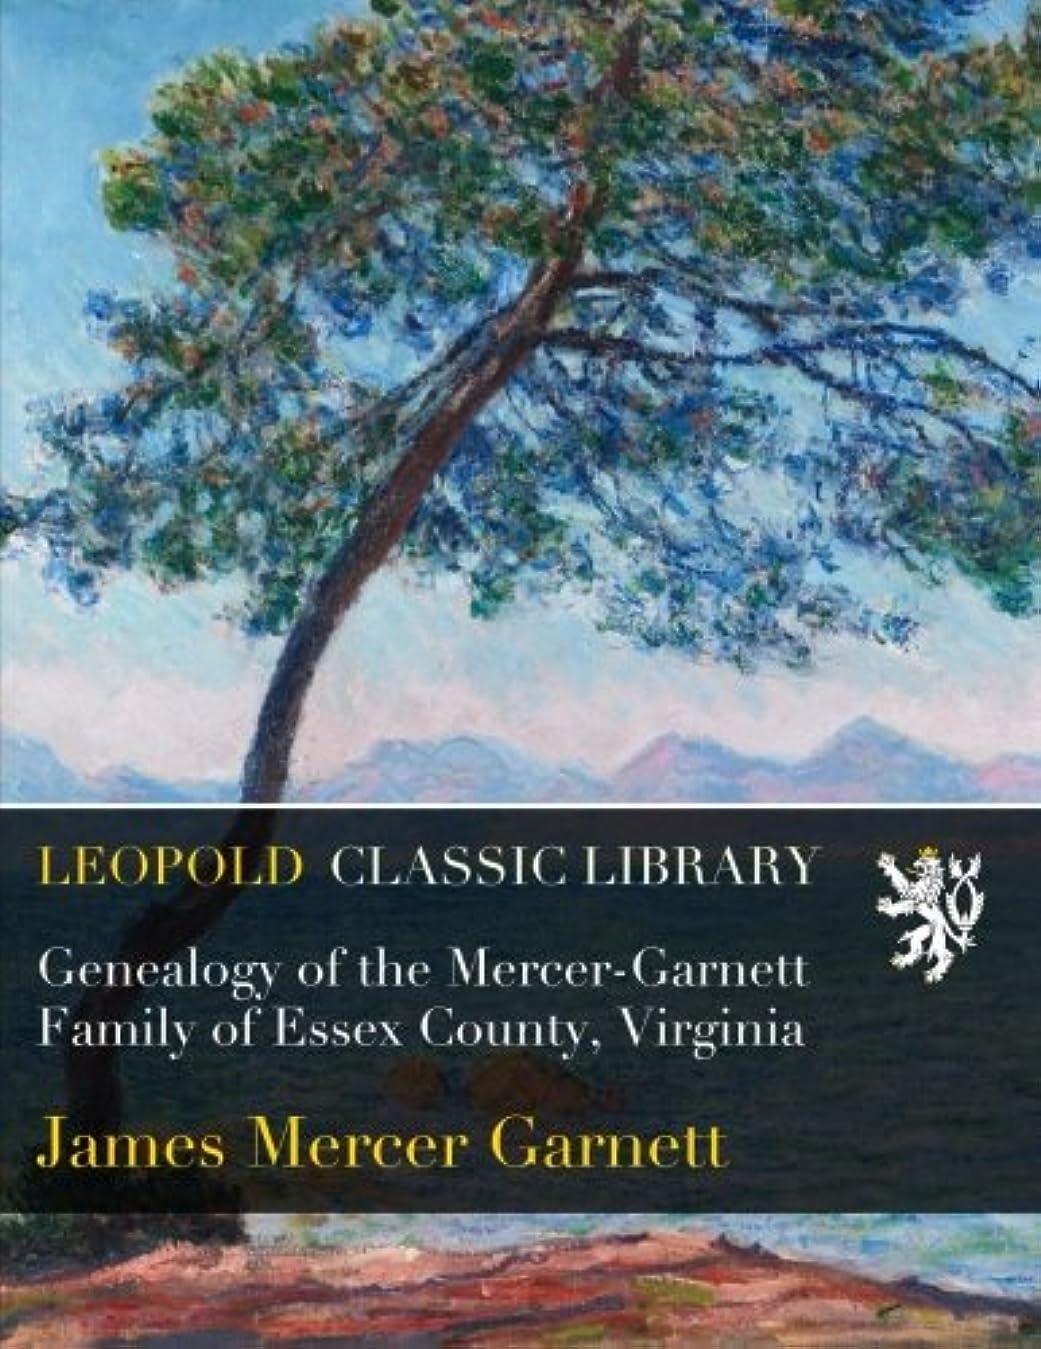 スポンサー祝う記念日Genealogy of the Mercer-Garnett Family of Essex County, Virginia